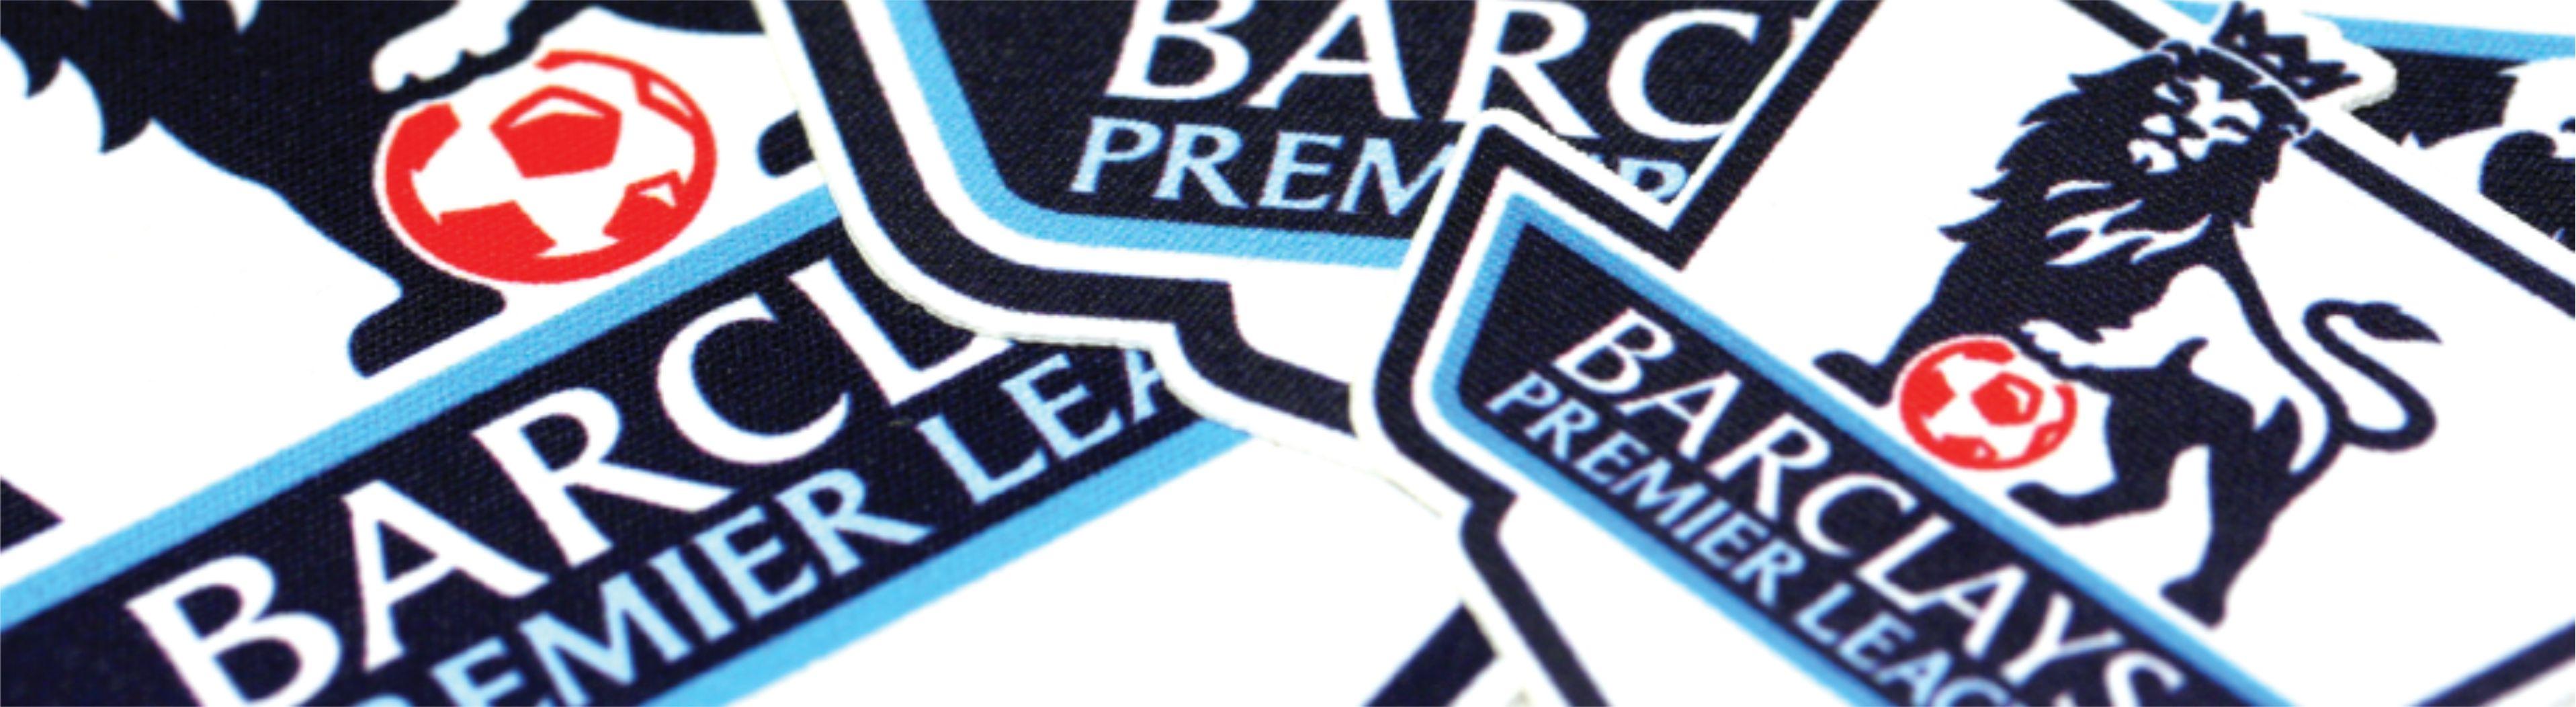 Voetbalshirts Premier League